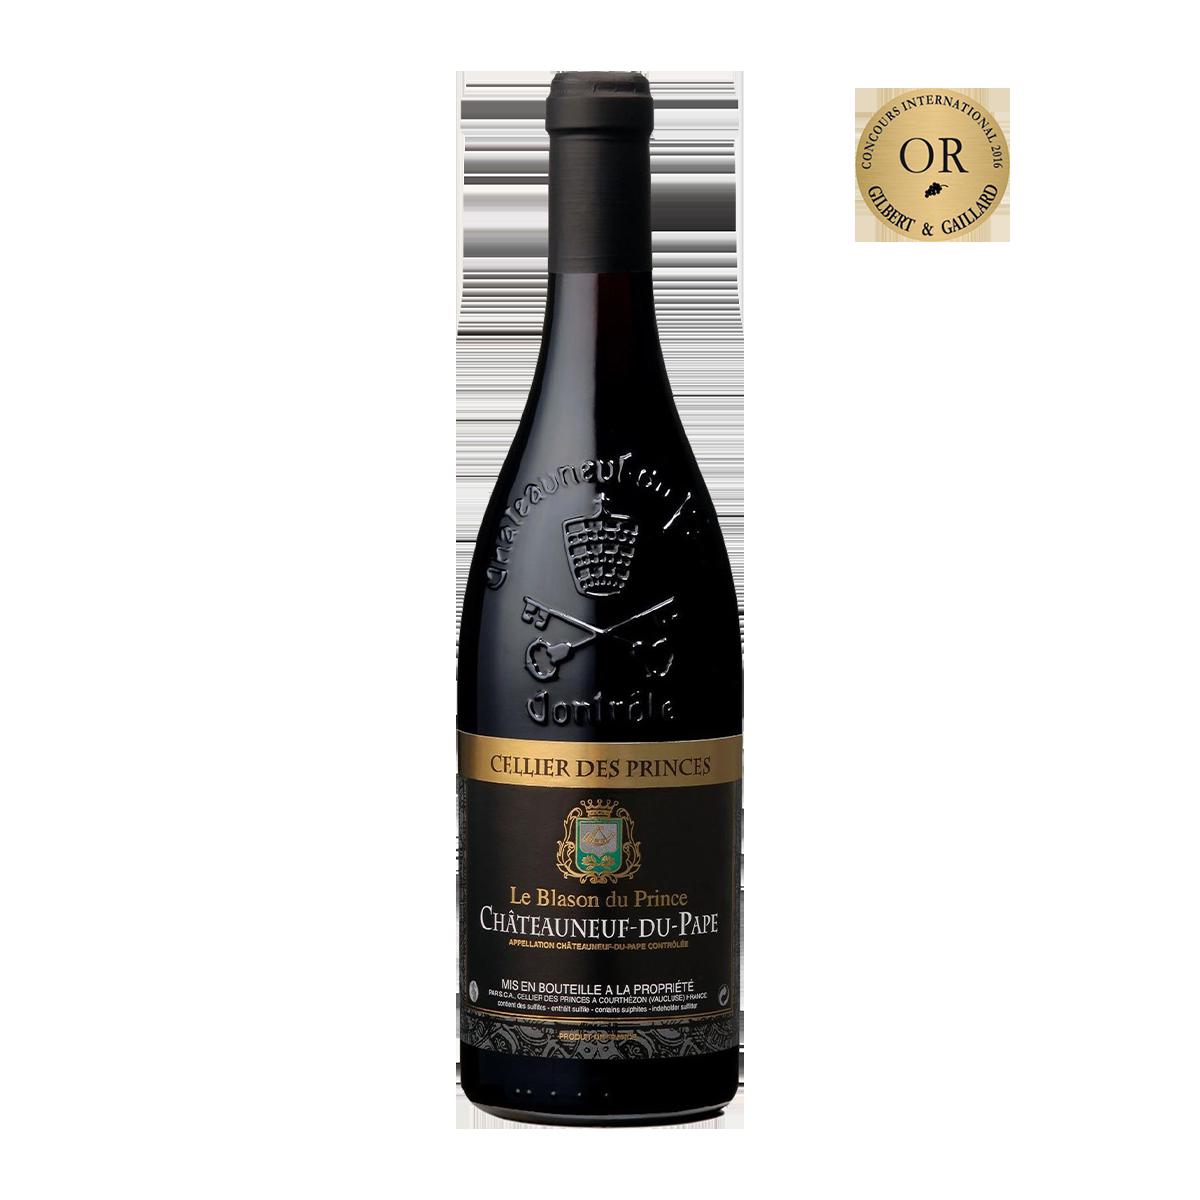 FRP1205 法國王子徽章教皇新堡紅酒 Cellier des Princes Le Blason du Prince Châteauneuf-du-Pape A.O.C.